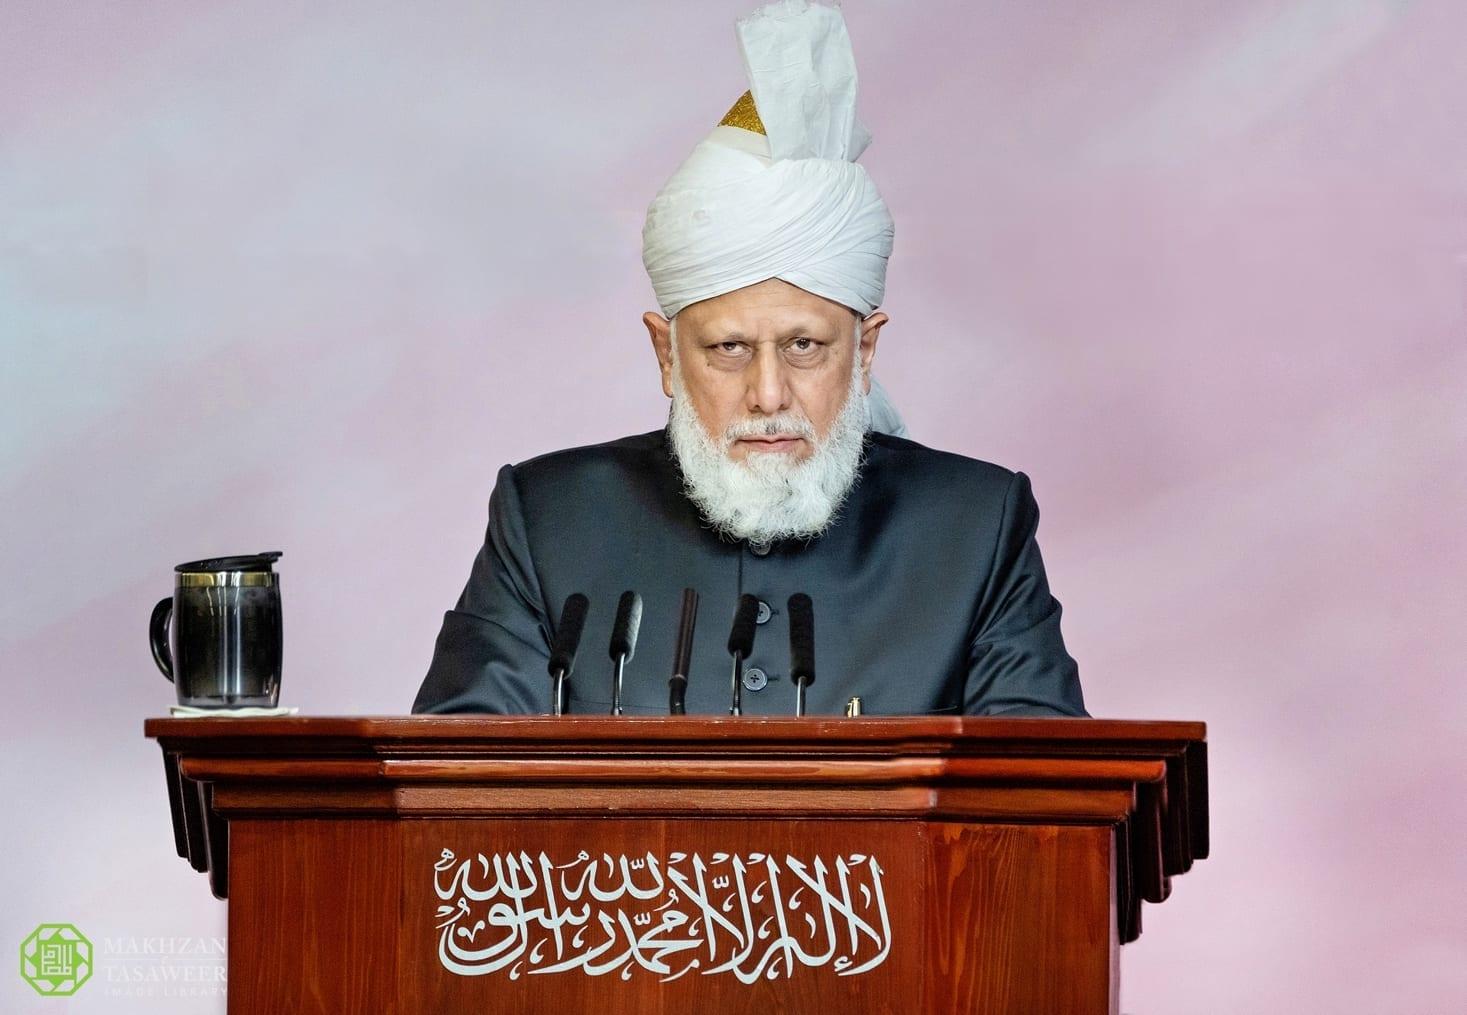 Ислам ыйман дин такыба тууганчылык мусулман момун мечит чогулуш